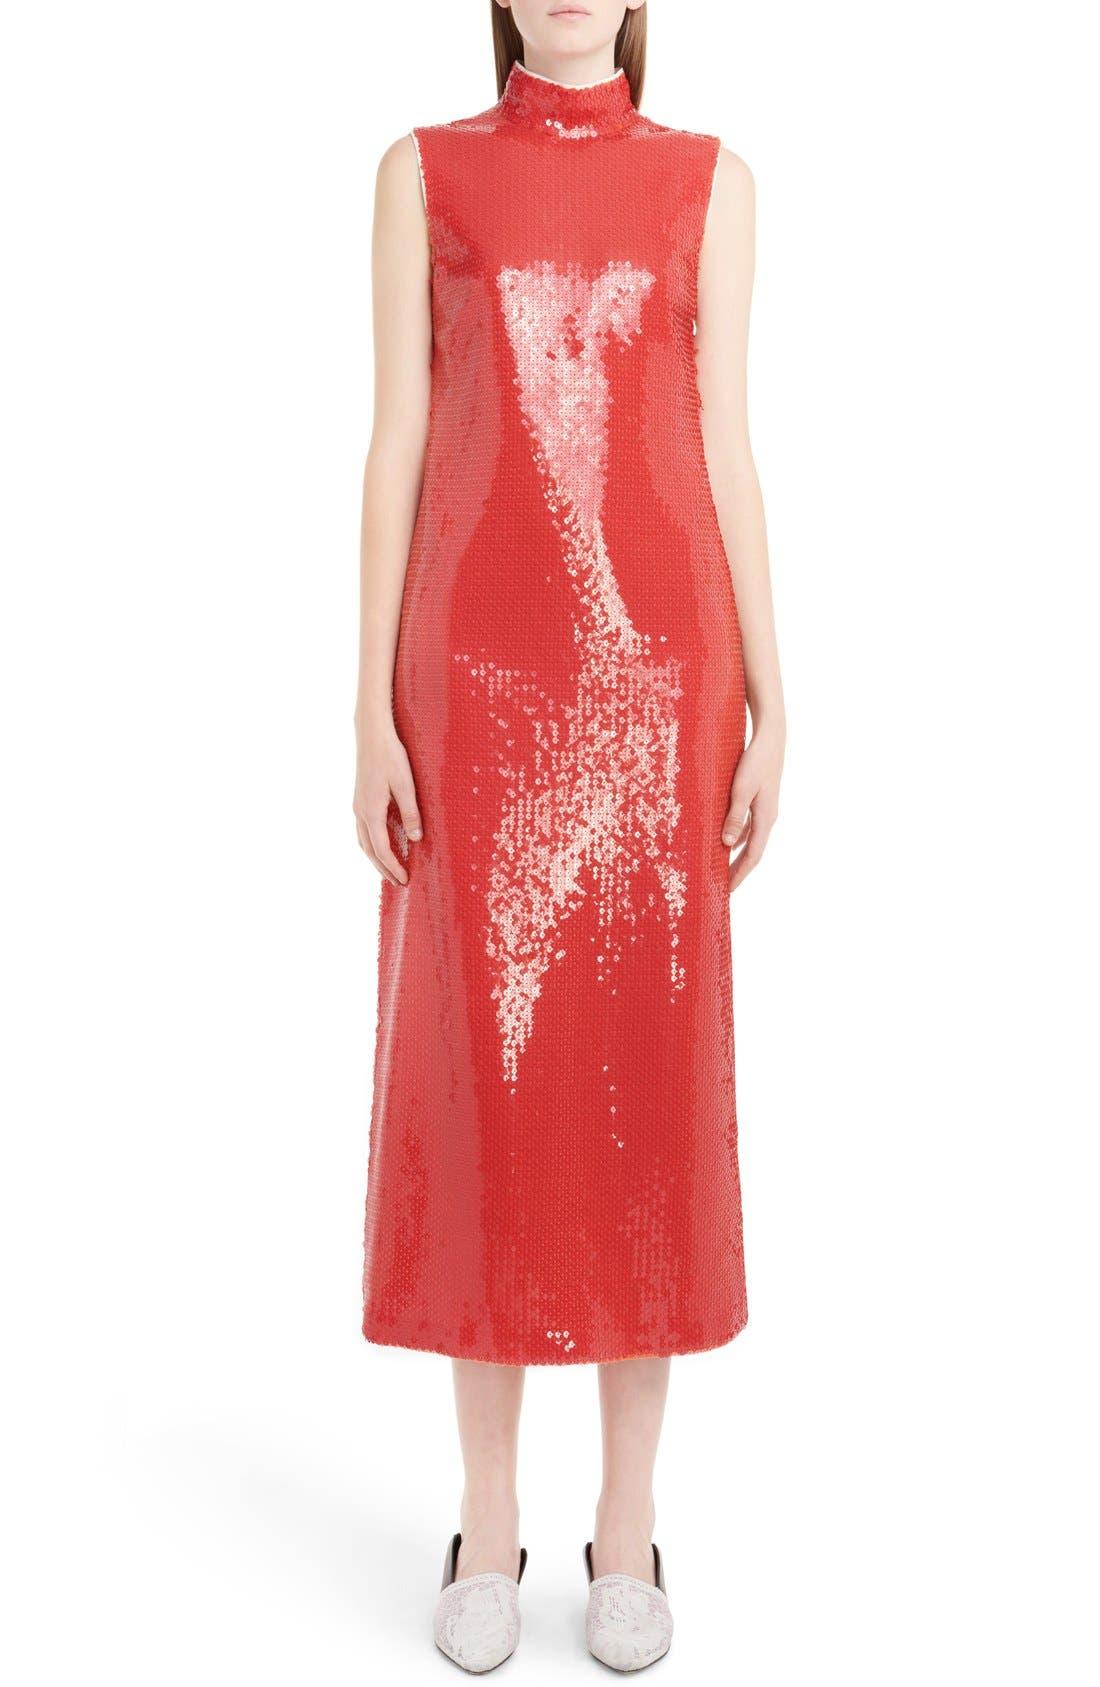 LOEWE Sequin Front Dress